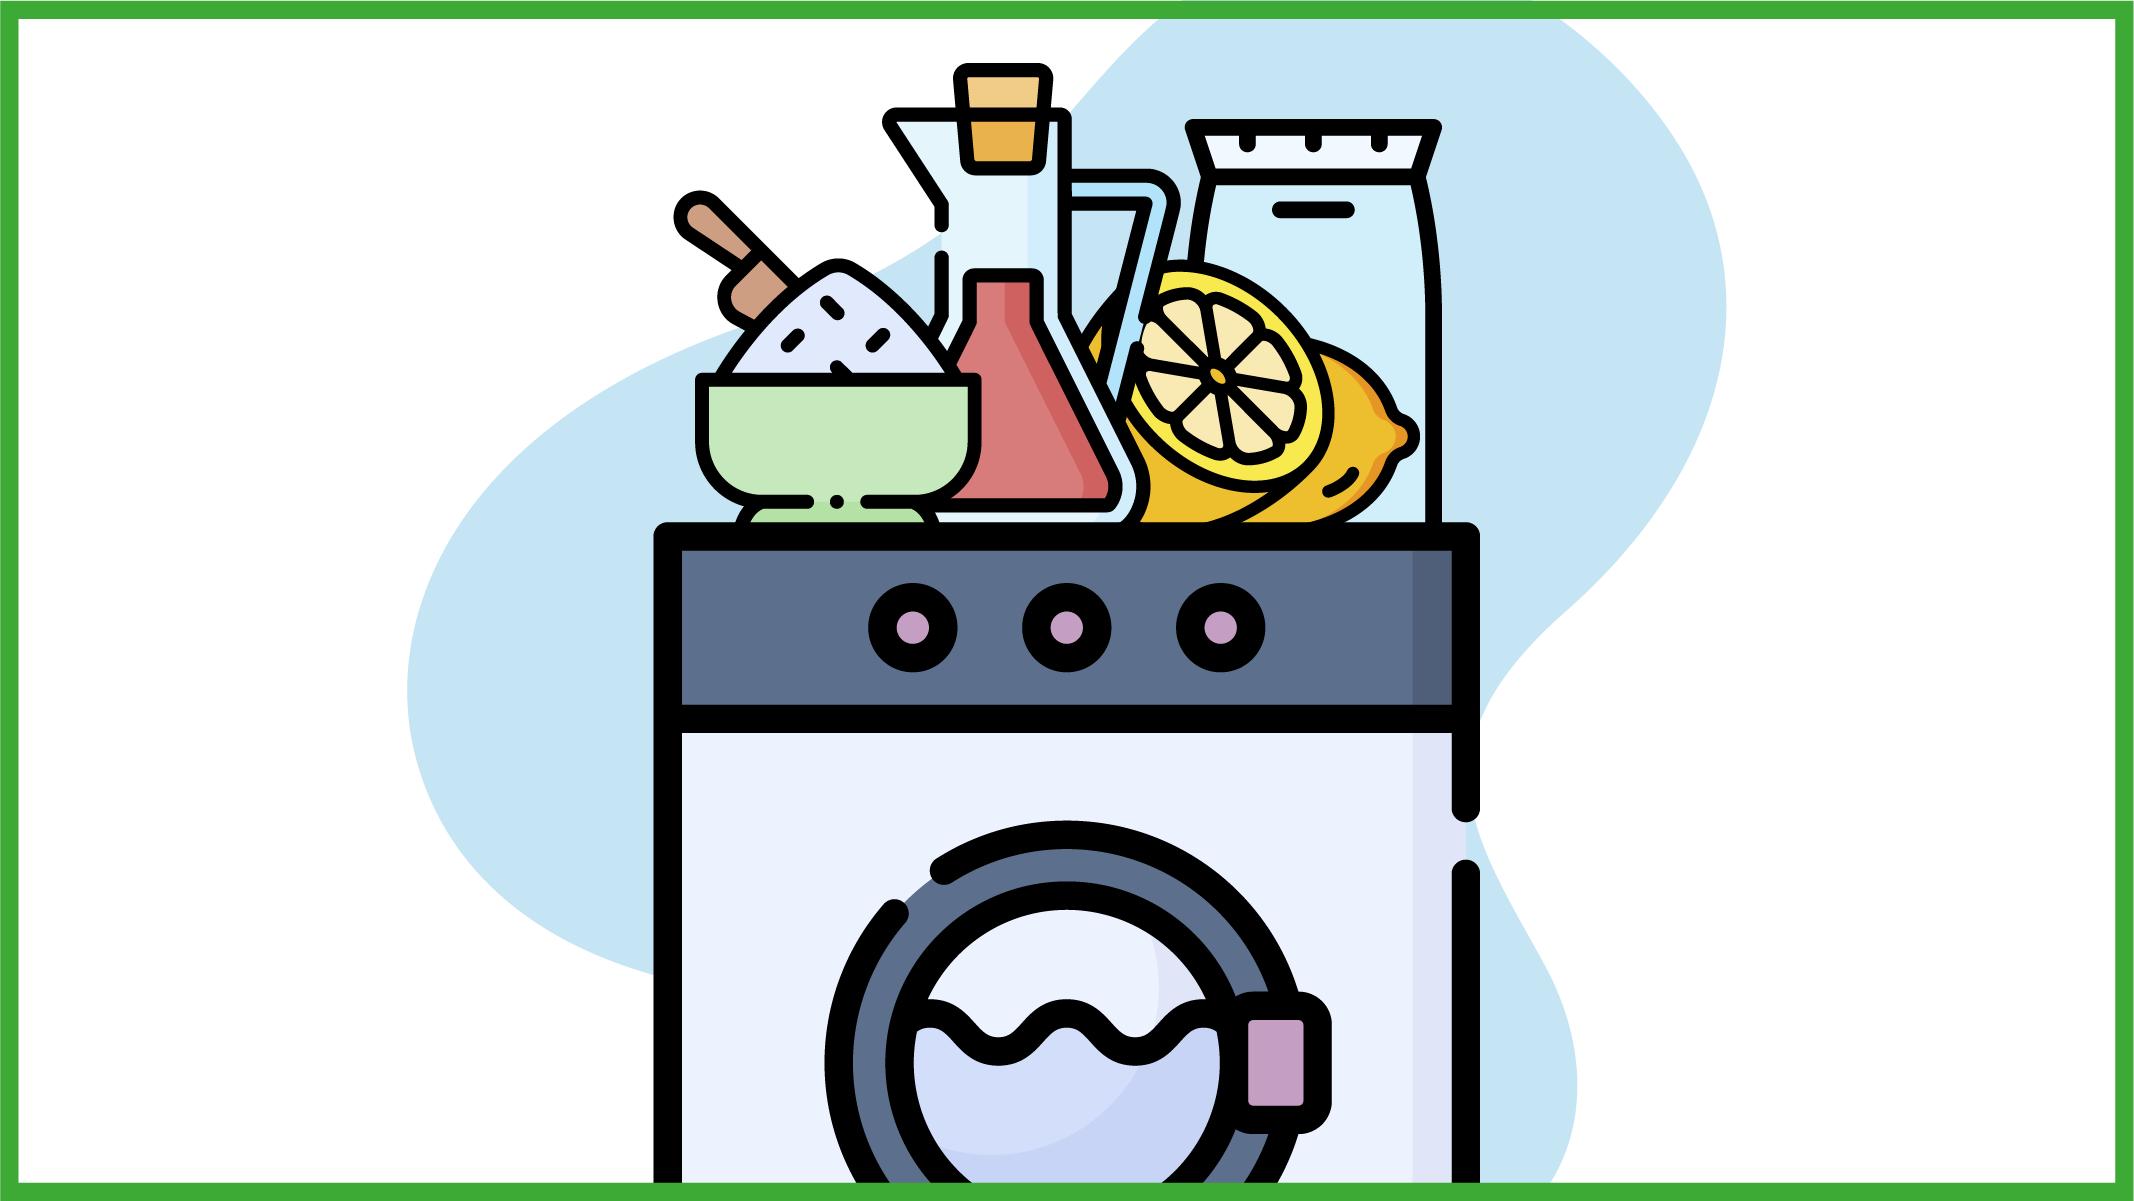 Immagine di una lavatrice con sopra i 4 ingredienti naturali indispensabili